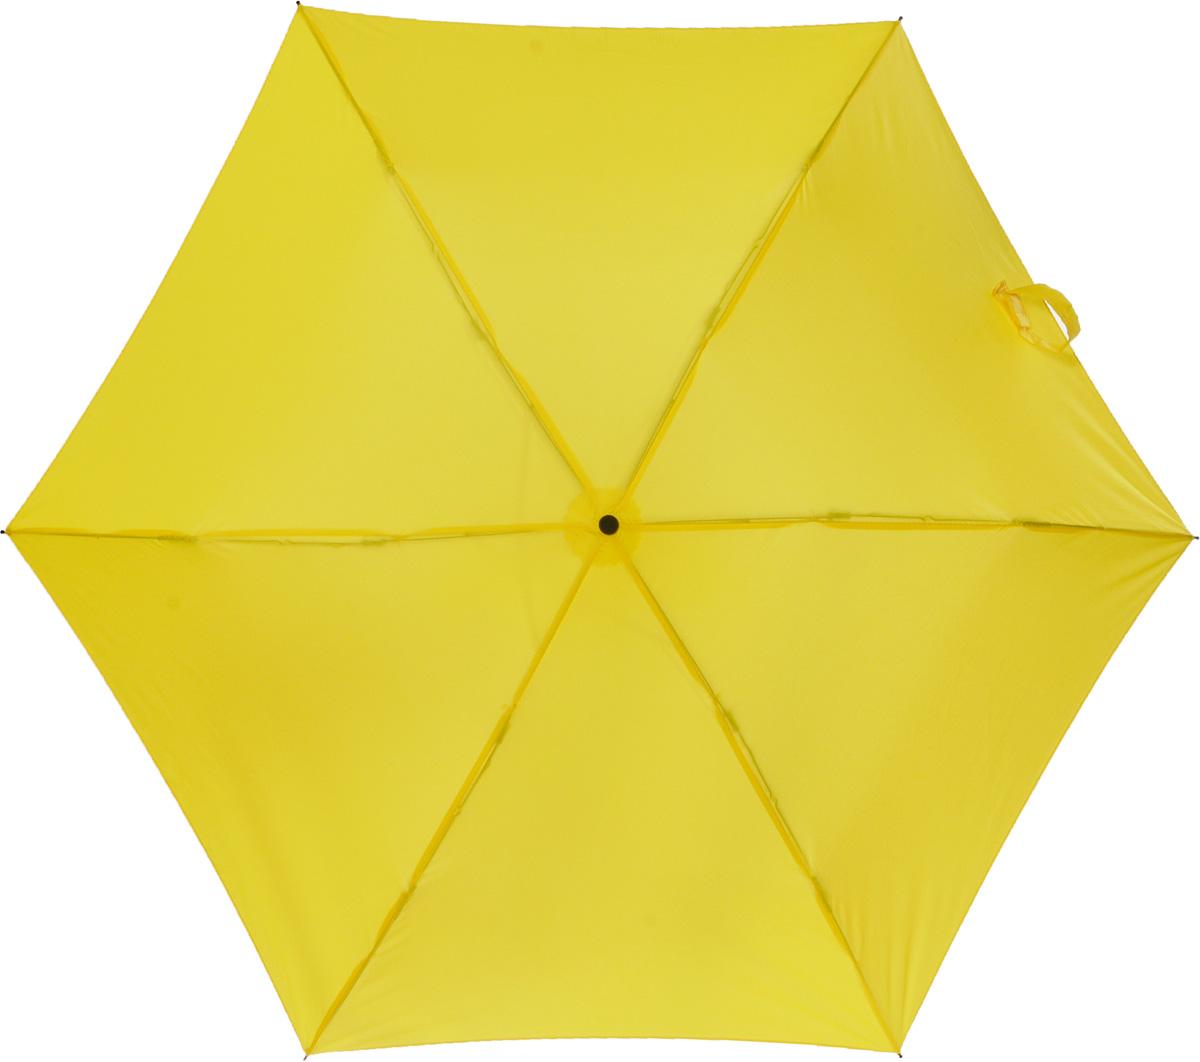 Зонт женский Эврика Банан, механика, 2 сложения, цвет: желтый. 9527695276Оригинальный зонт Эврика надежно защитит вас от дождя. Купол выполнен из высококачественного ПВХ, который не пропускает воду. Каркас зонта выполнен из прочного металла. Зонт имеет механический тип сложения: открывается и закрывается вручную до характерного щелчка. Удобная ручка выполнена из пластика. Диаметр купола в раскрытом виде: 90 см. Высота зонта: 52 см. Материал: нейлон, металл, пластик. Bec: 0,325 кг.